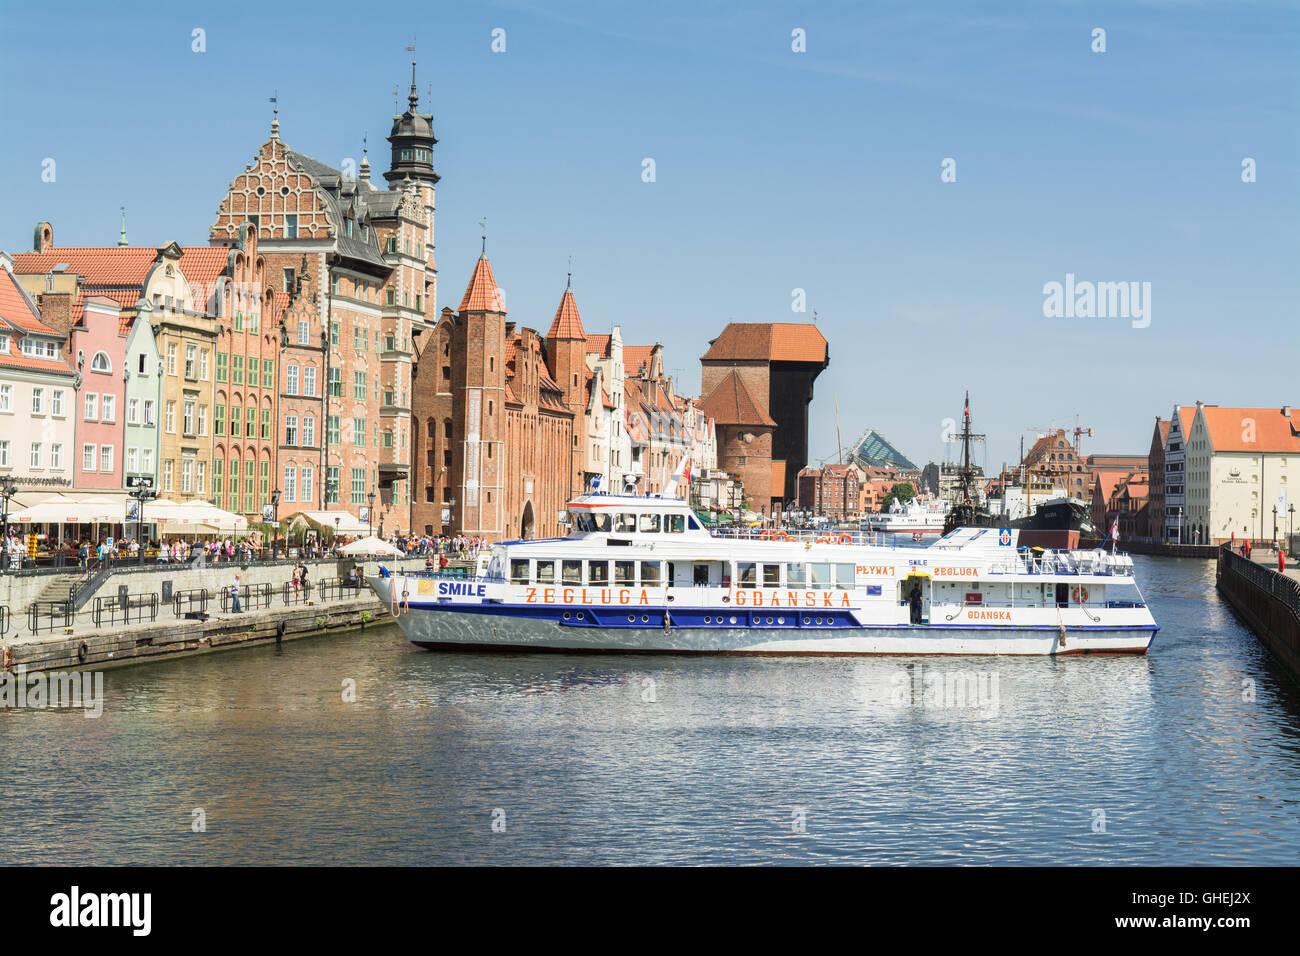 La vieille ville de Gdansk bateaux de croisière touristique sur la rivière Motlawa, Gdansk, Pologne Photo Stock